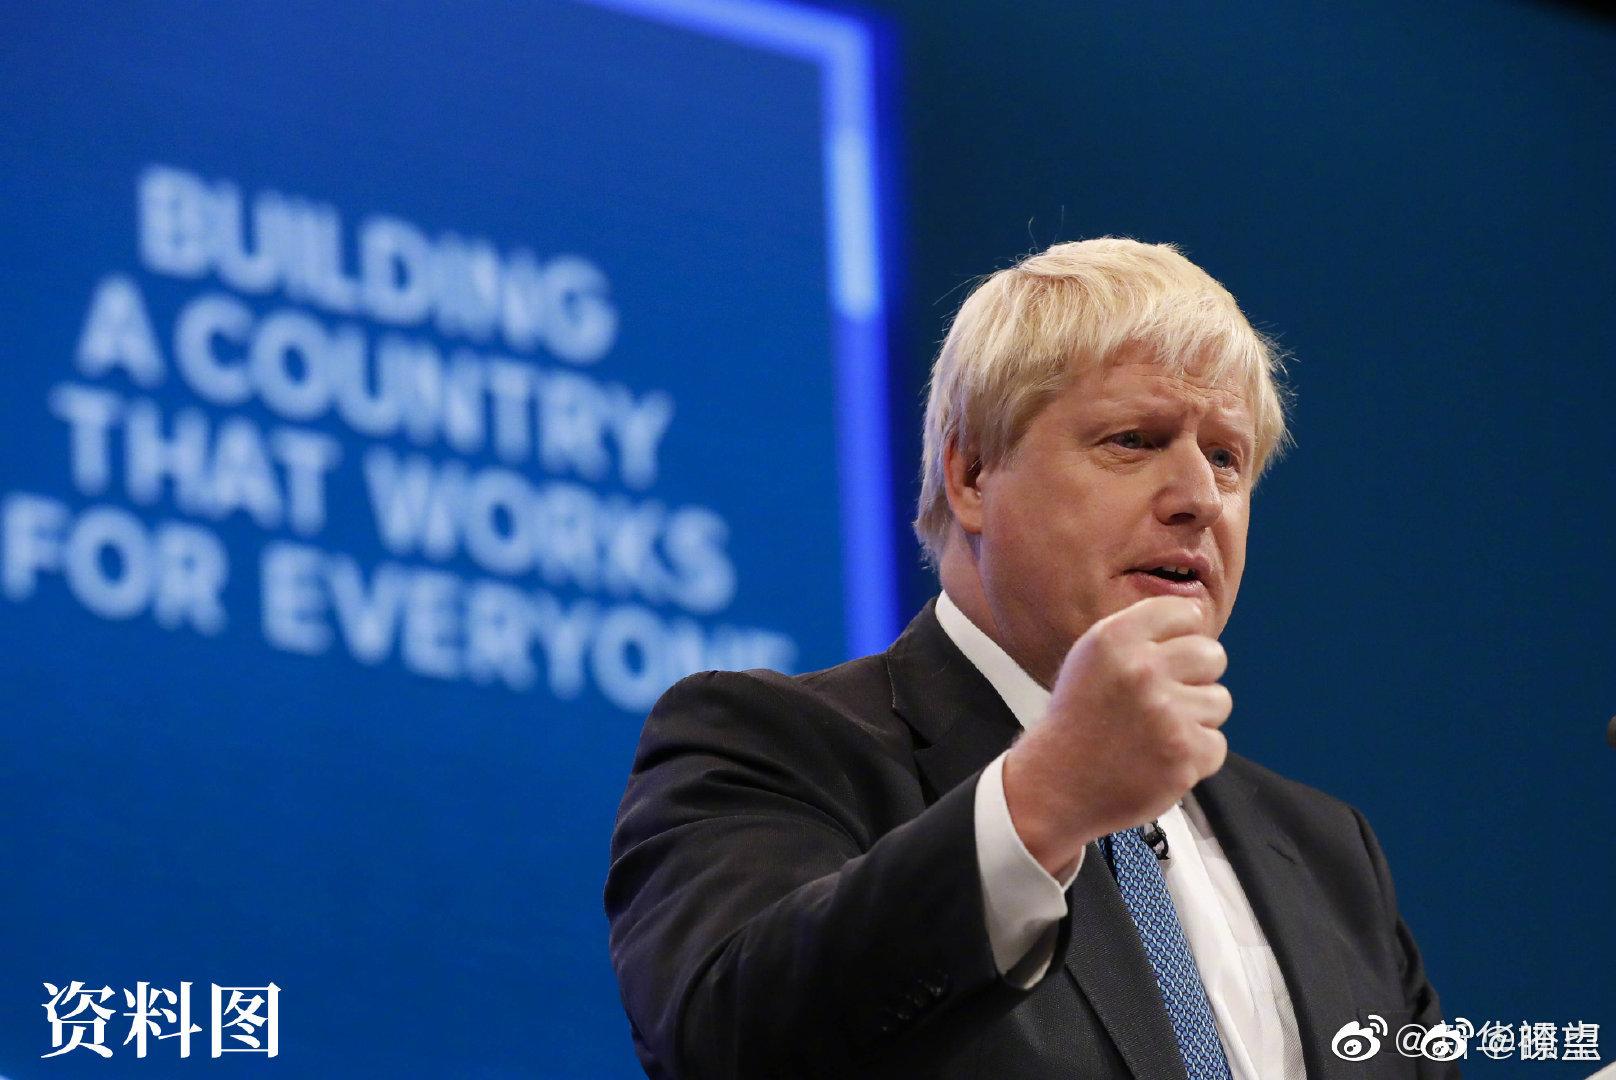 英国前外交大臣、伦敦前市长鲍里斯·约翰逊23日当选执政党保守党领袖